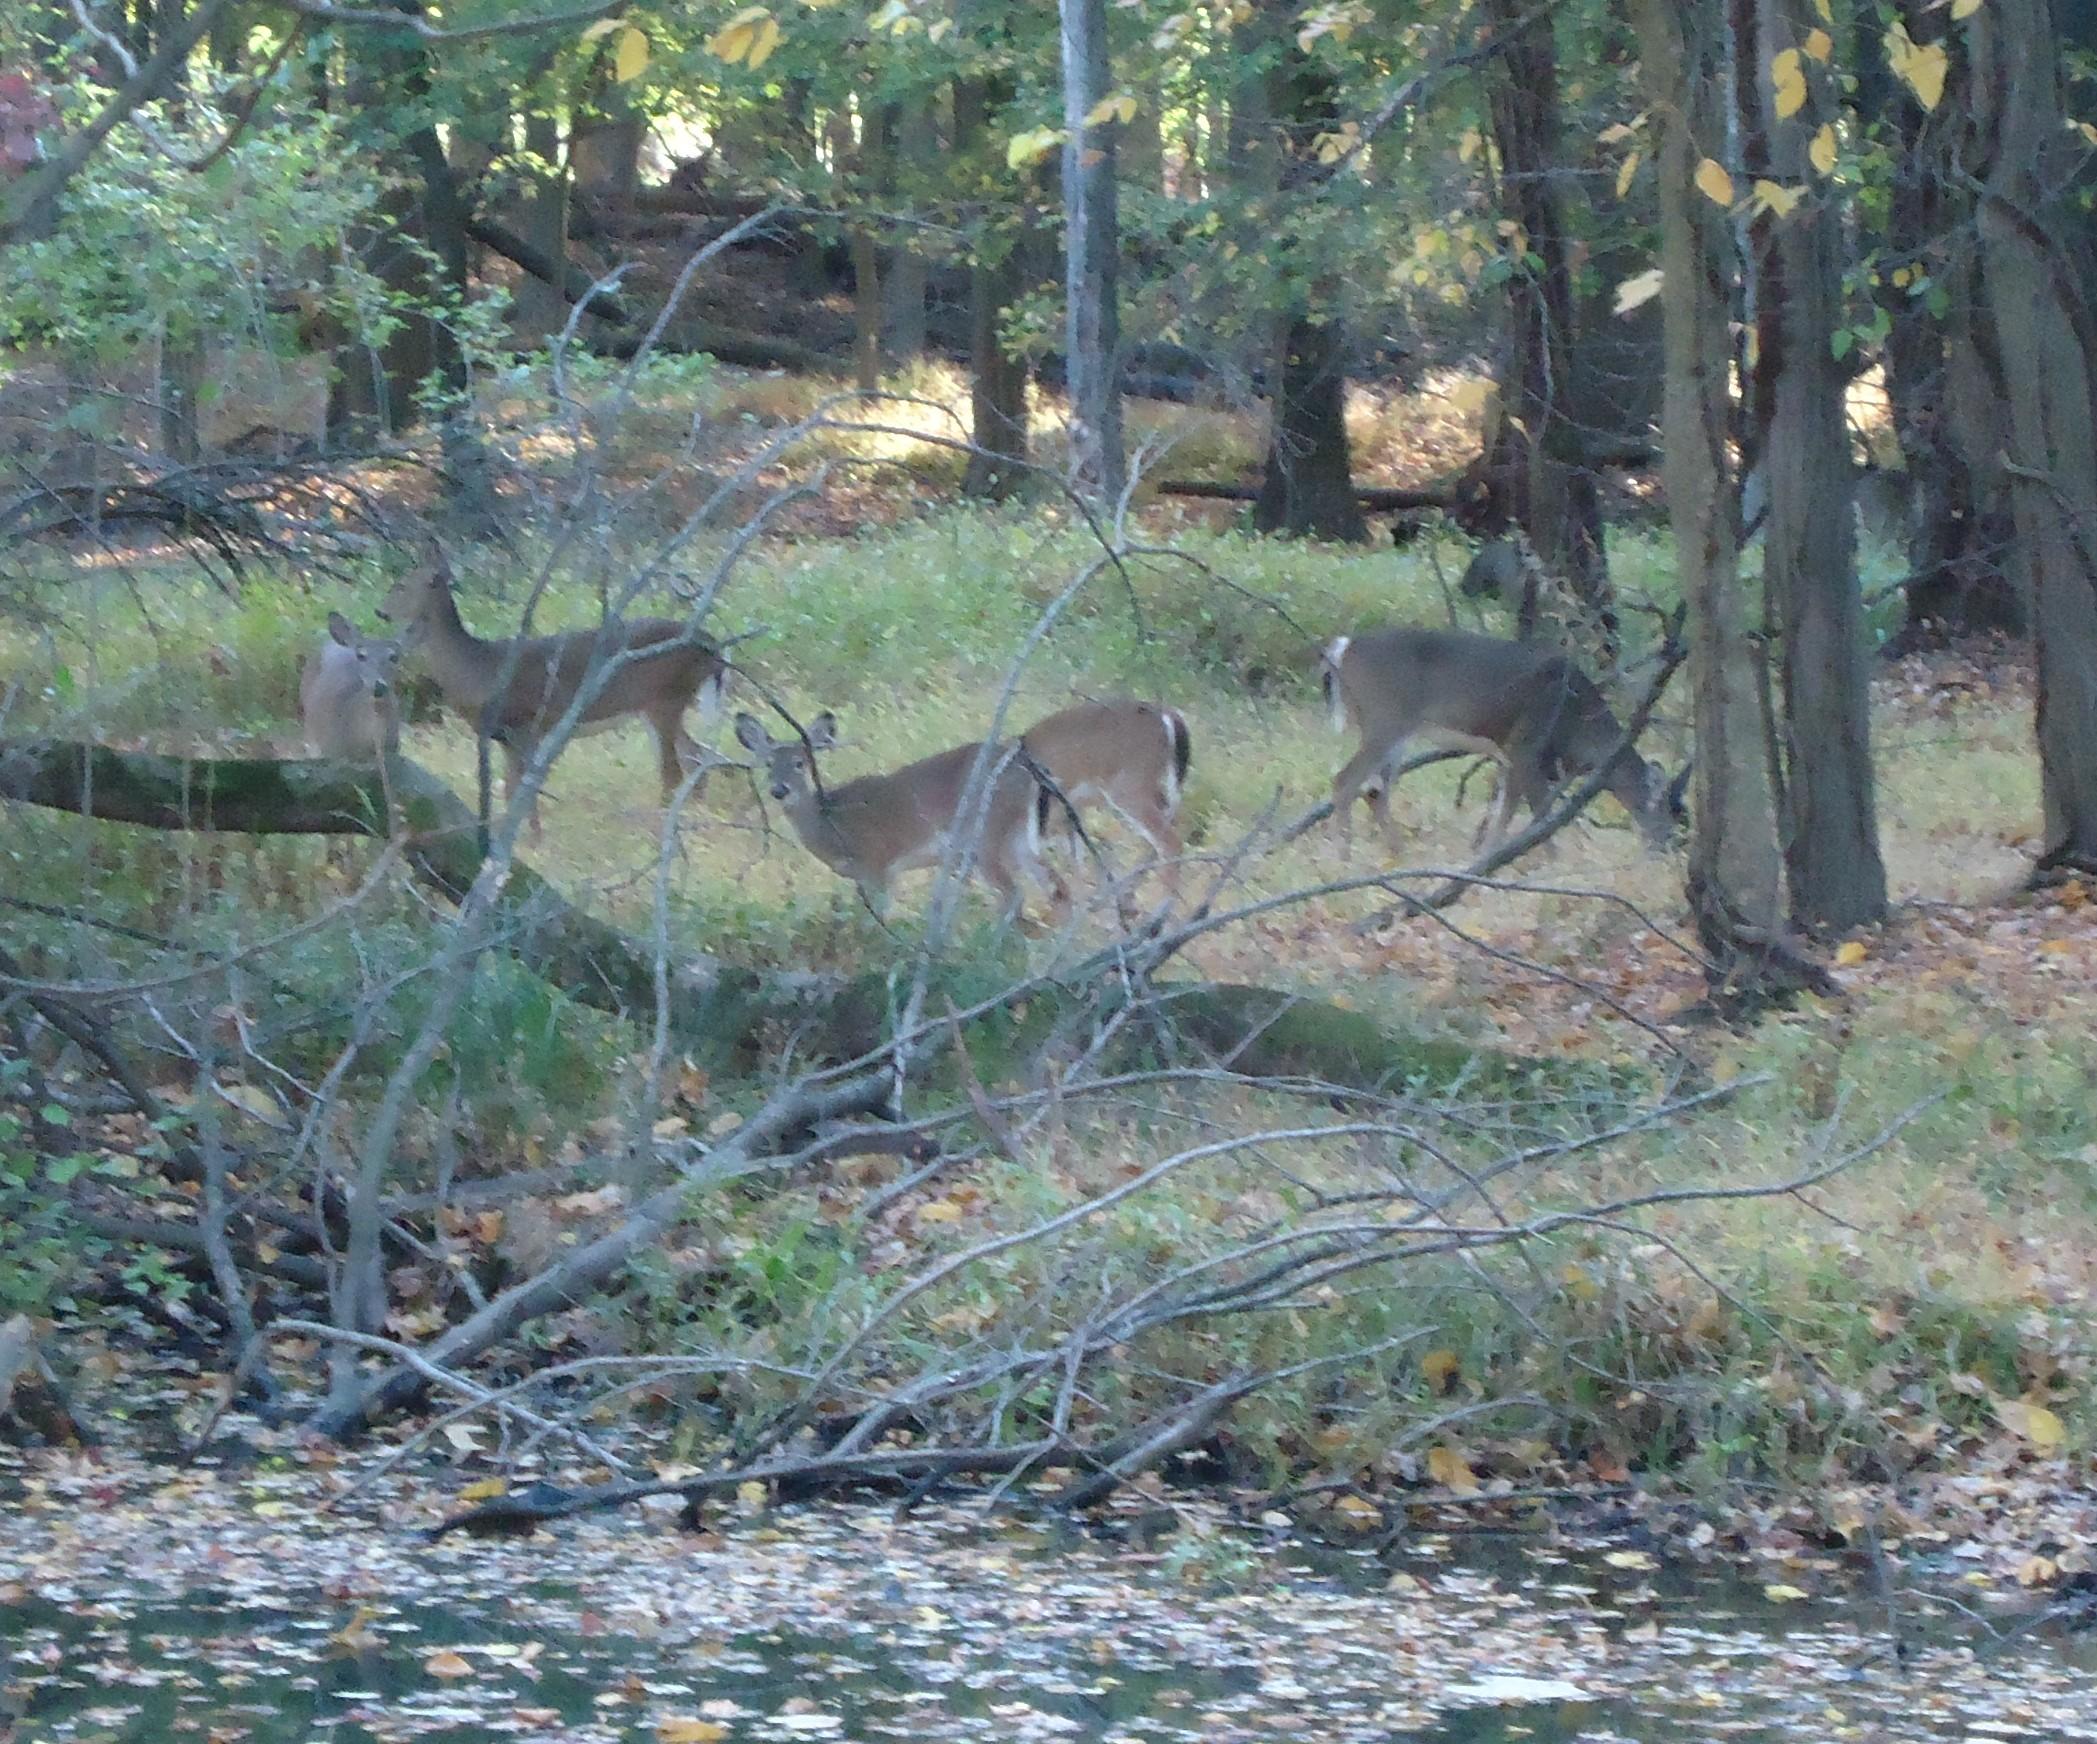 New jersey union county cranford - File Cranford Nj Deer In Park In Union County New Jersey Jpg